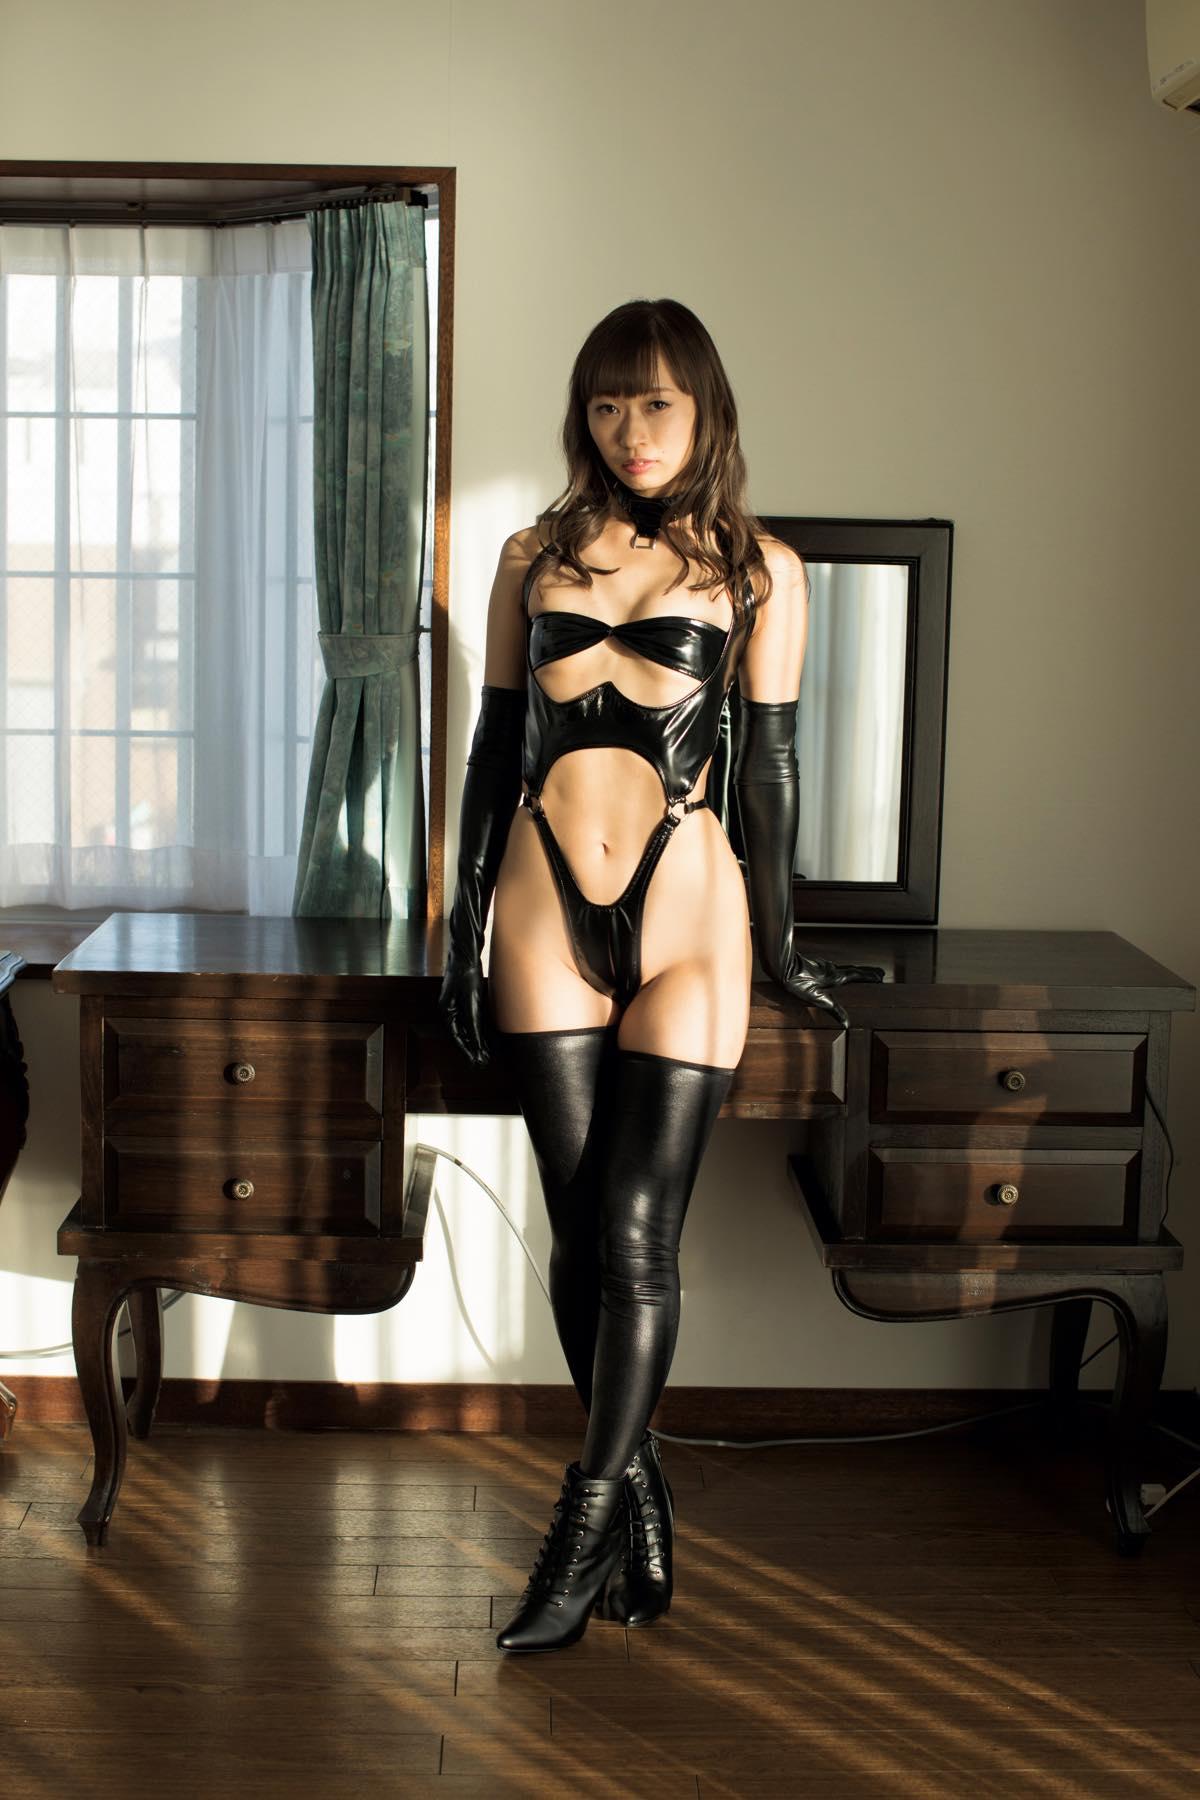 日野アリス「スレンダー美女」の9頭身ボディ【写真11枚】の画像008